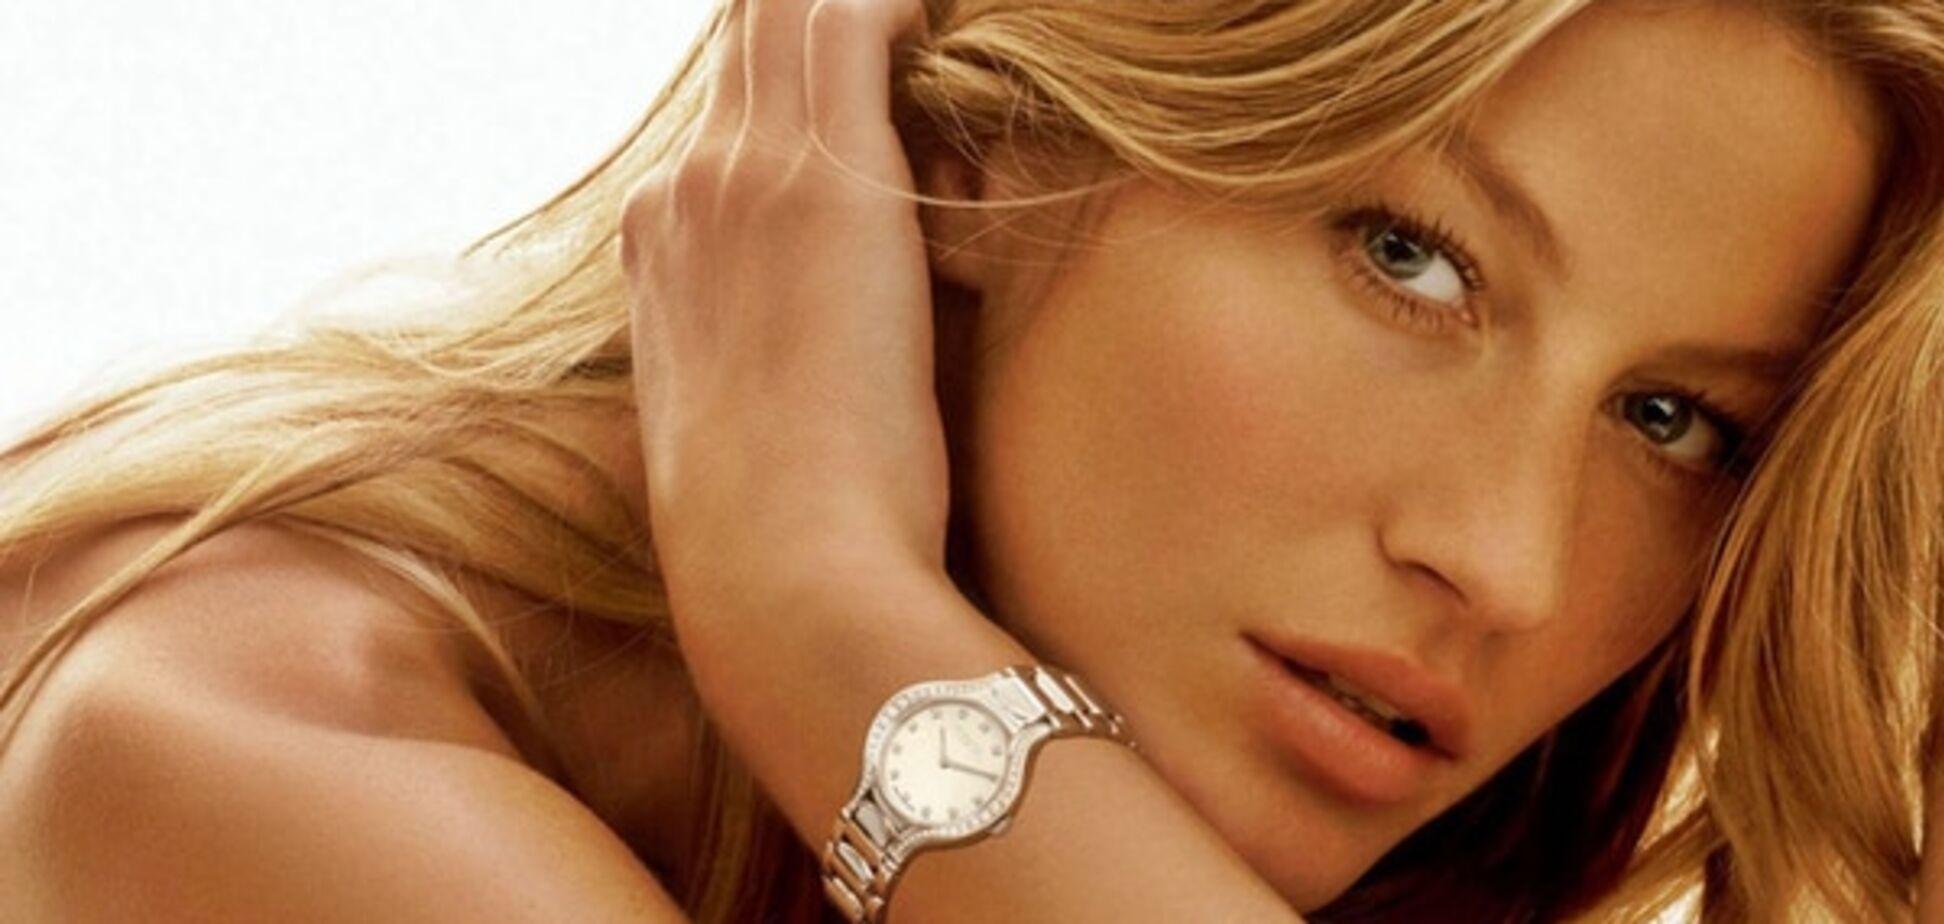 Топ-15 главных манекенщиц в истории моды: фото прекрасных моделей